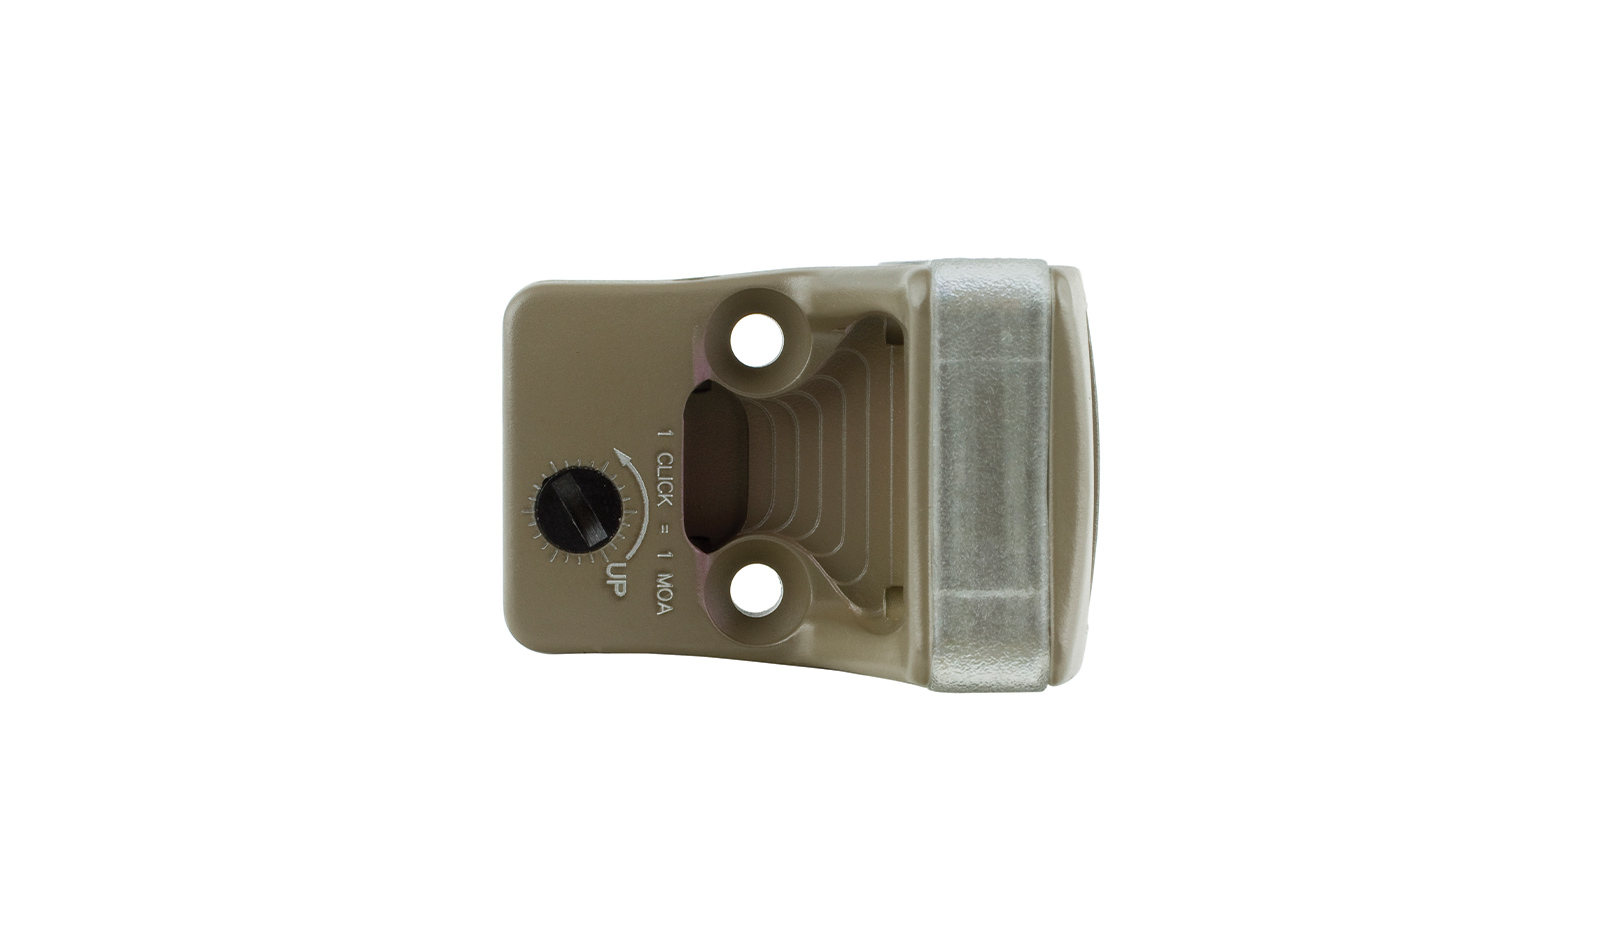 RM05-C-700210 angle 9